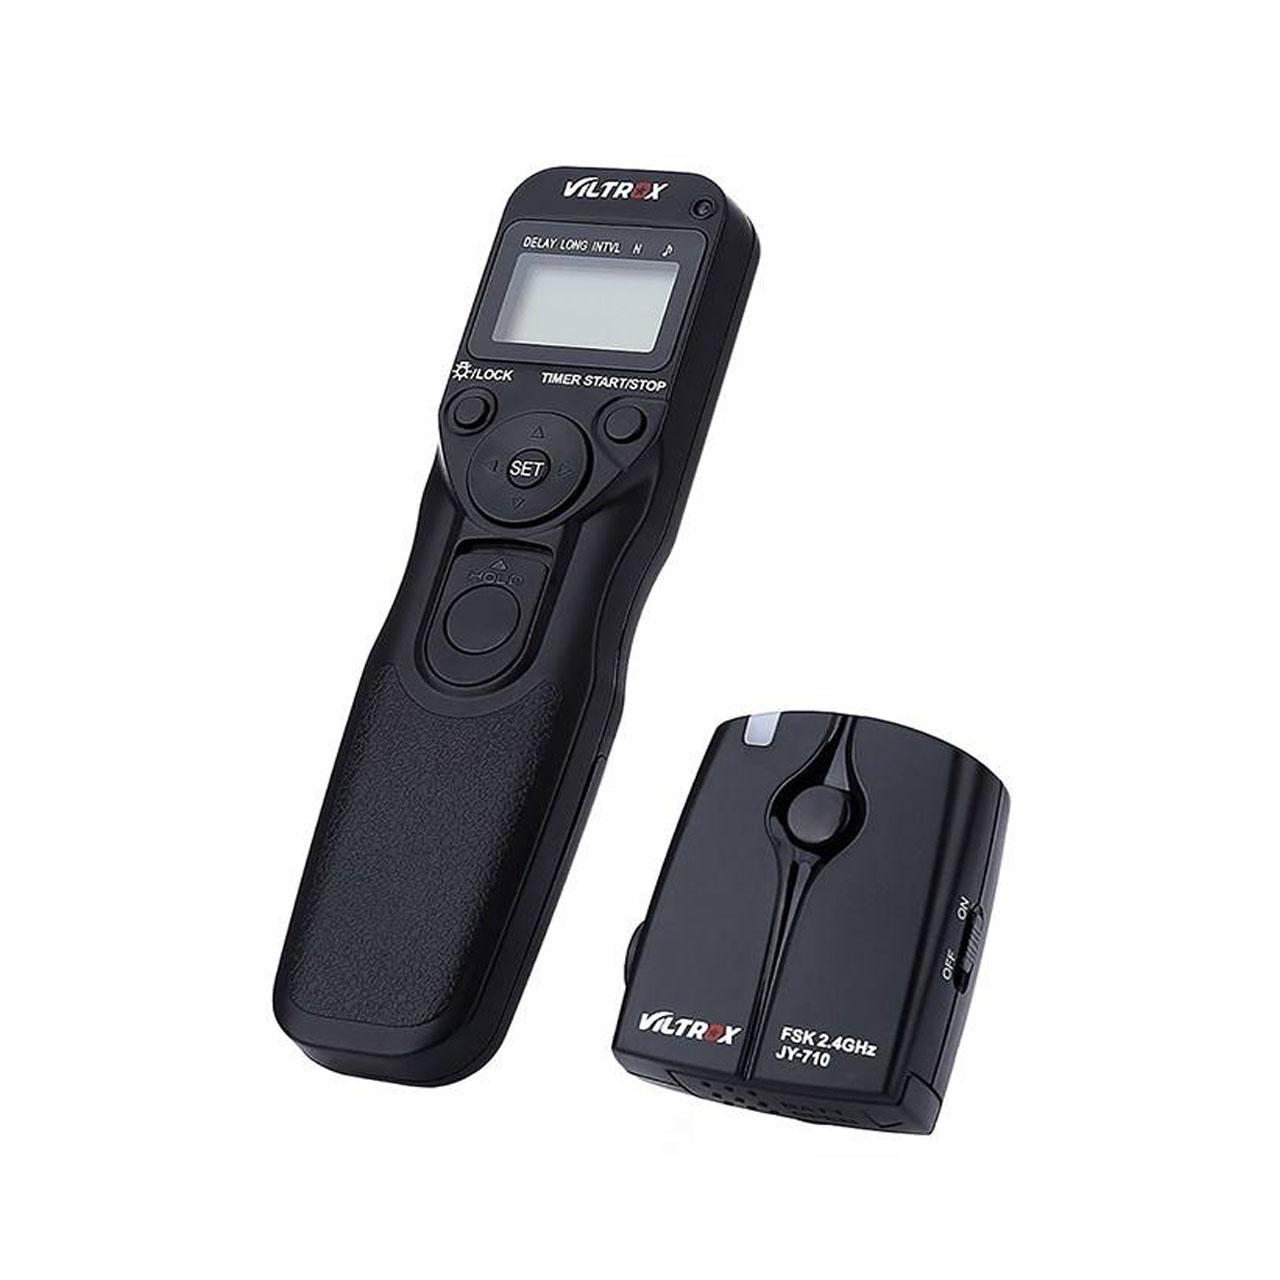 ریموت کنترل بی سیم دوربین ویلتروکس مدل JY-710 N 1 مناسب برای دوربین های نیکون